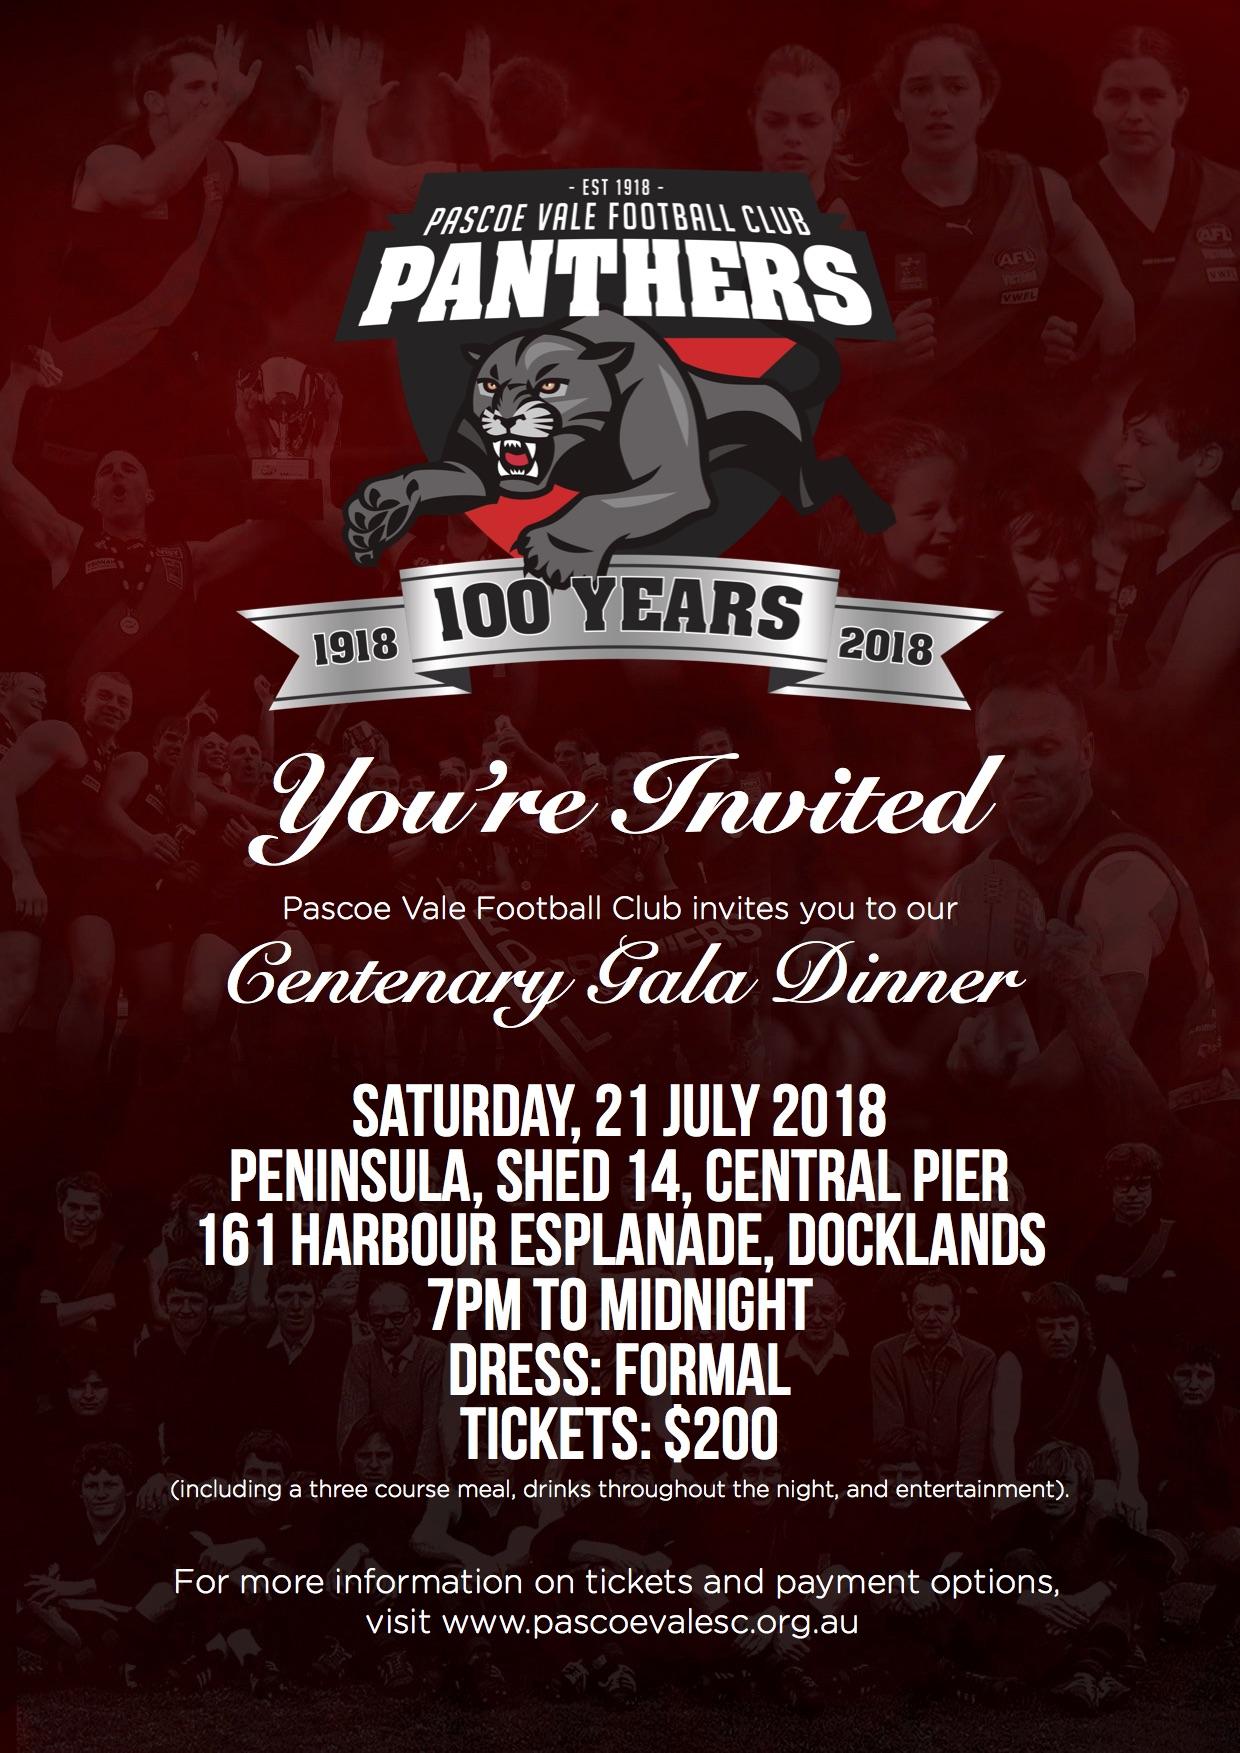 Centenary gala dinner invitation 2018.jpg